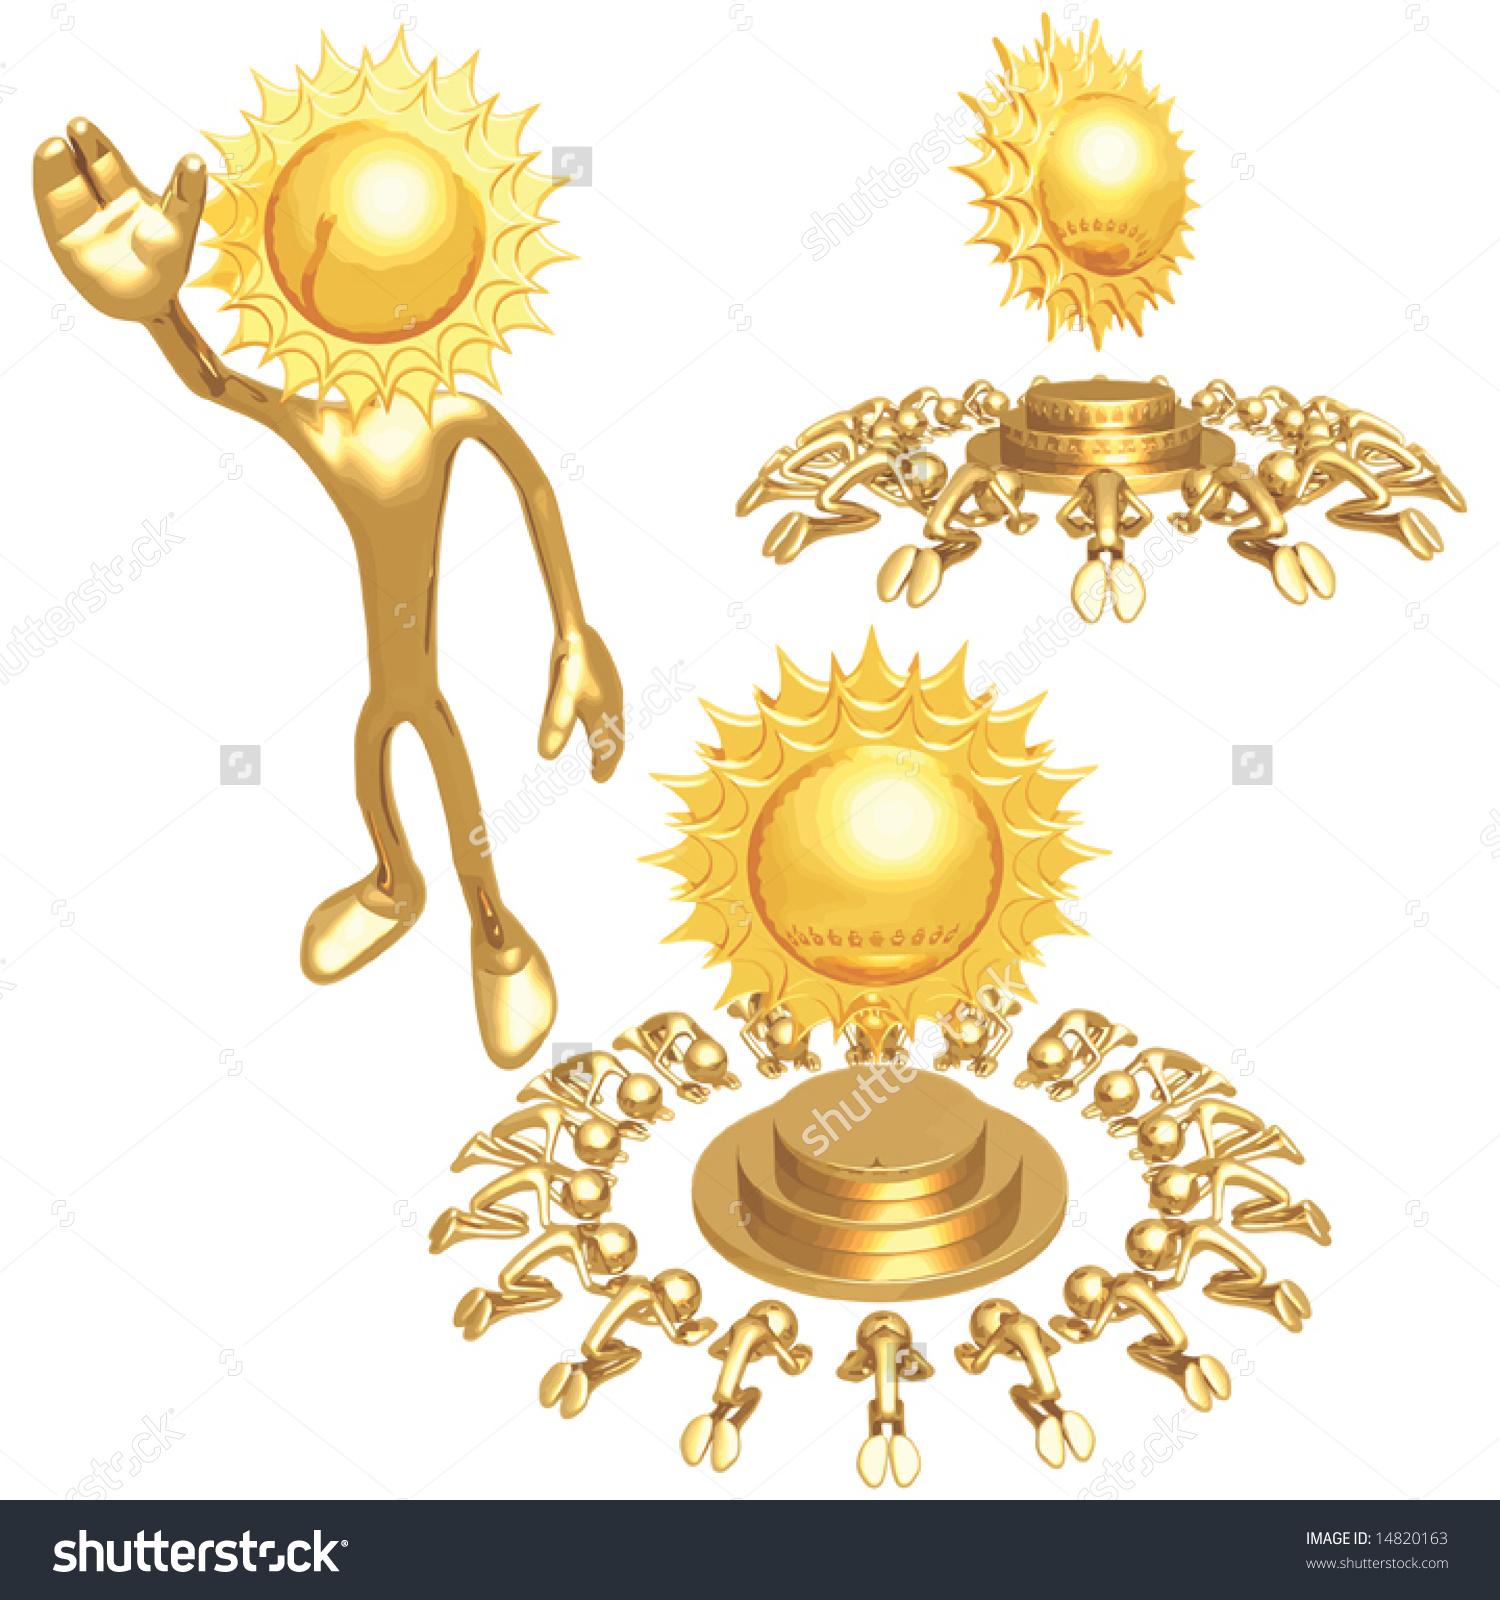 Sun Worship Stock Vector Illustration 14820163 : Shutterstock.